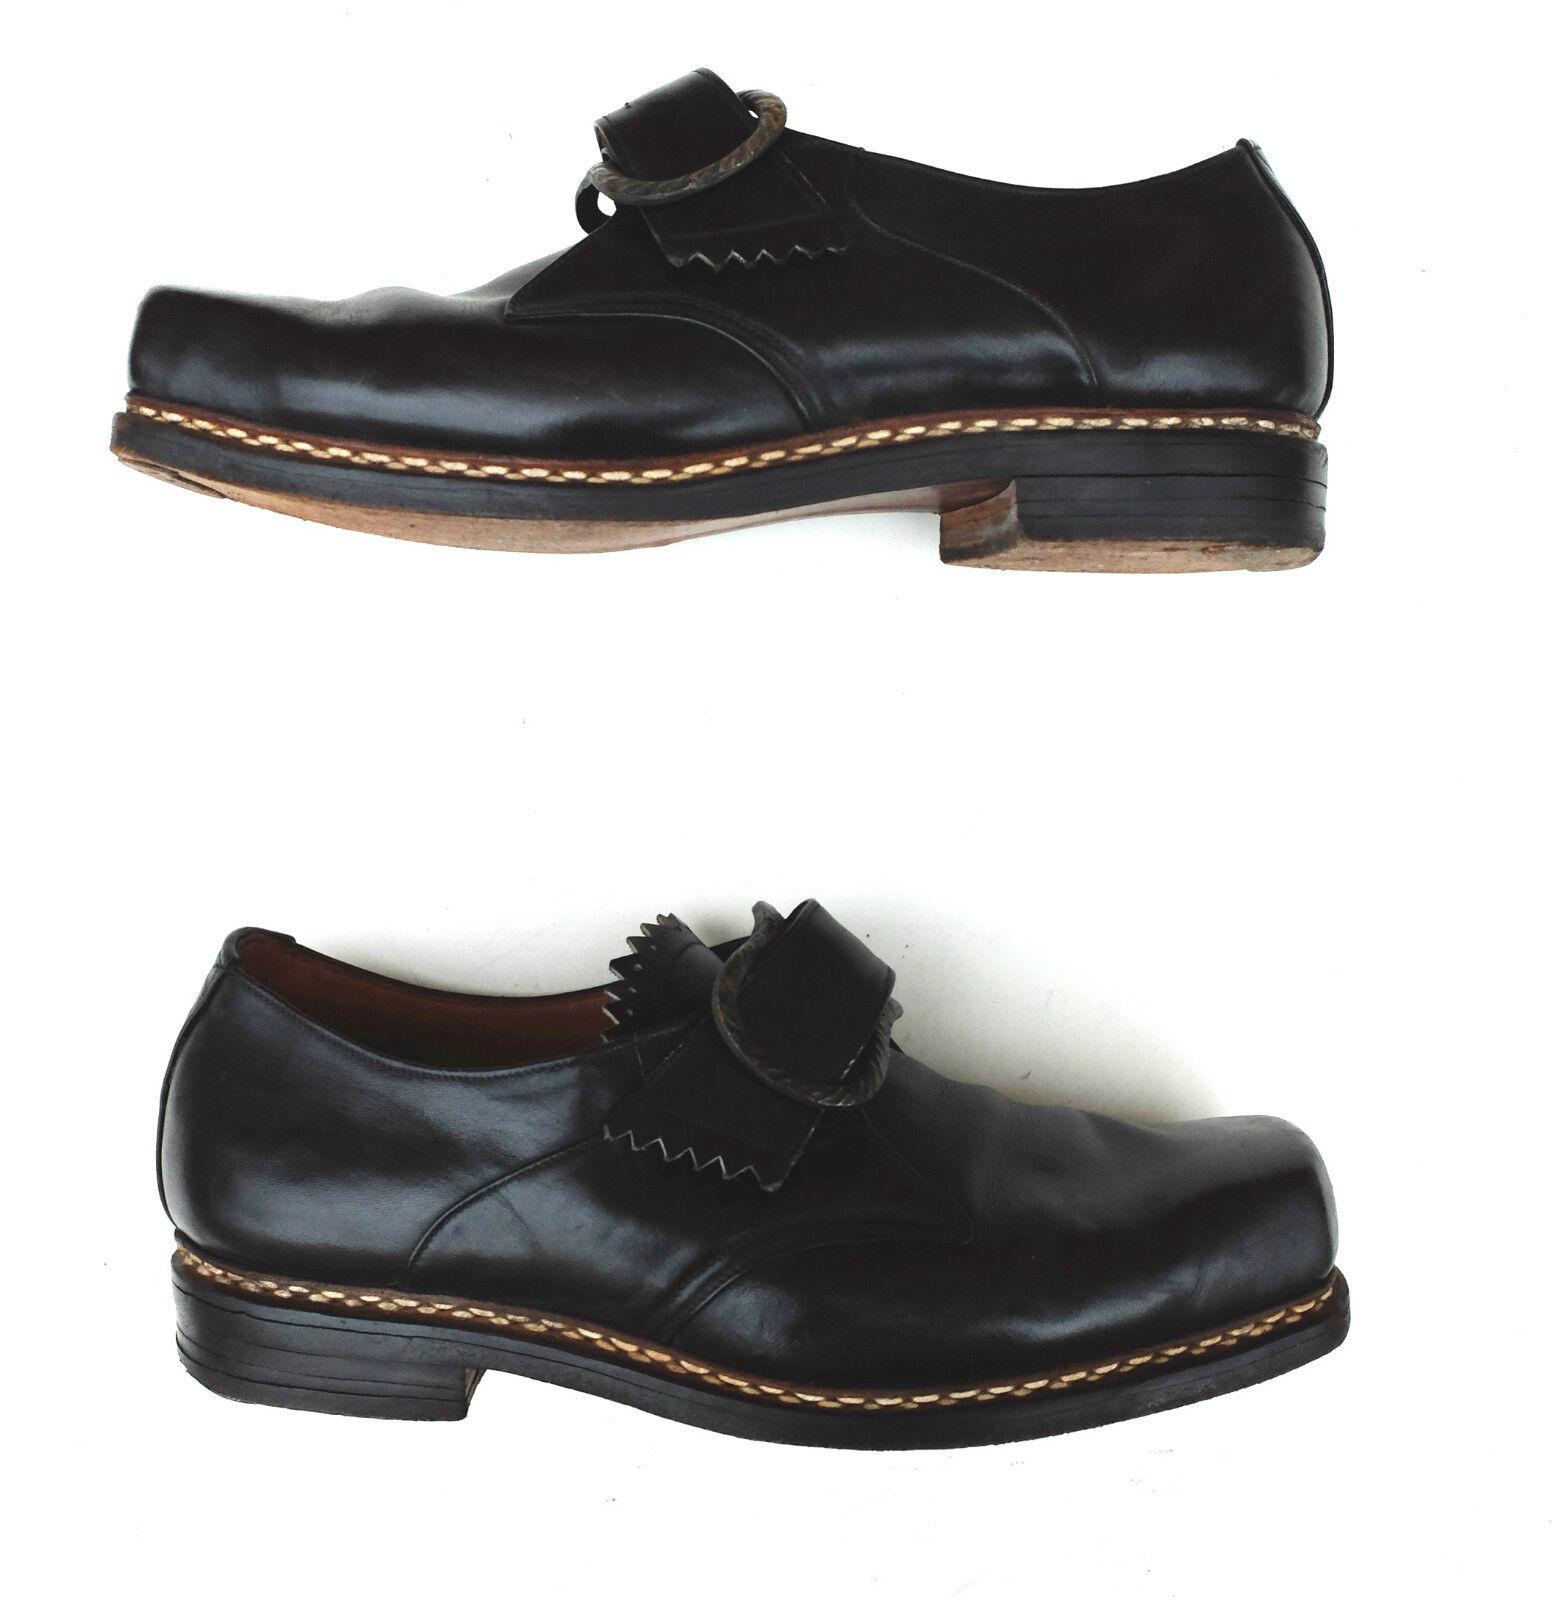 30er True Vintage 30s Herren Schuhe Slipper  Halbschuhe 40 Uk 6,5  Slipper Leder Schwarz 4a2645